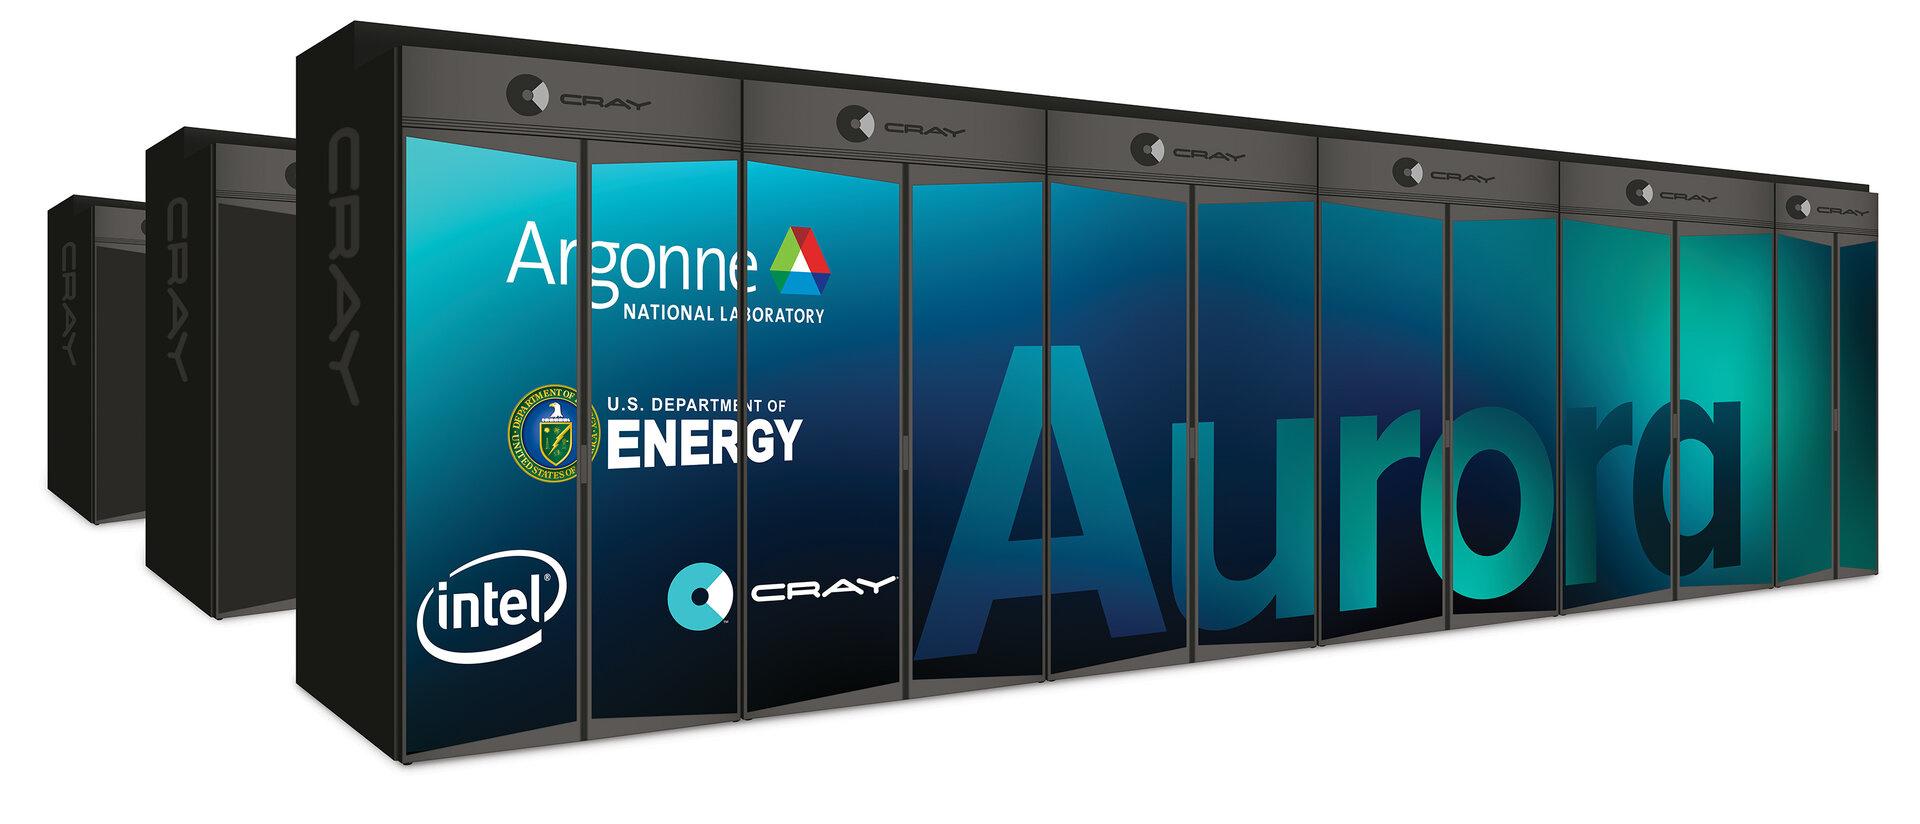 Die beiden Supercomputer Aurora und ...